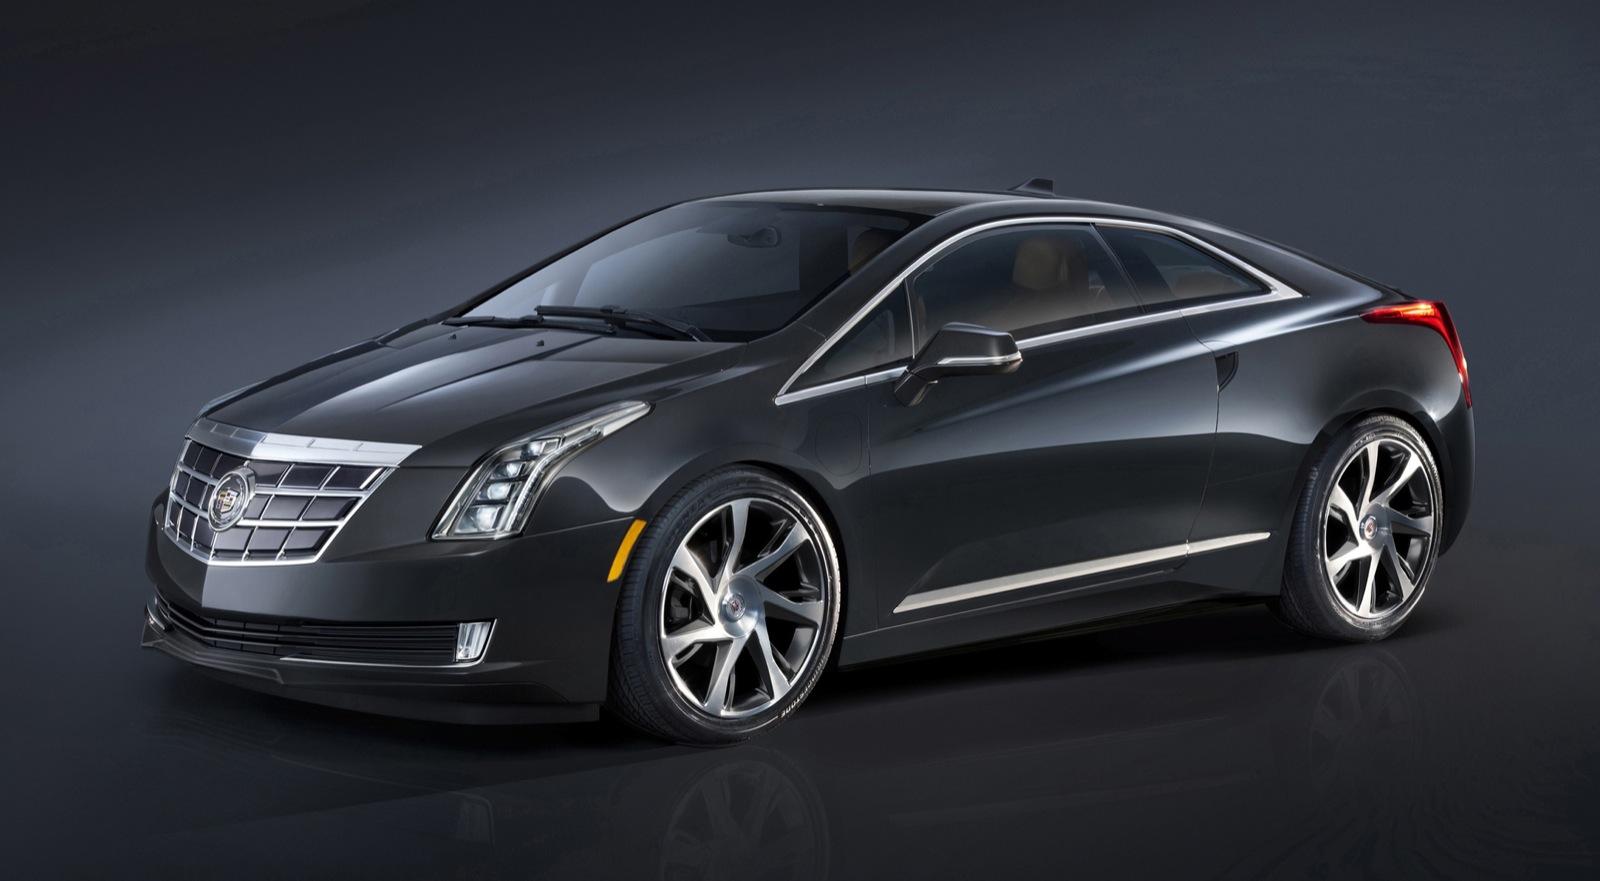 2014 Cadillac Elr Active Noise Cancellation Tech Video